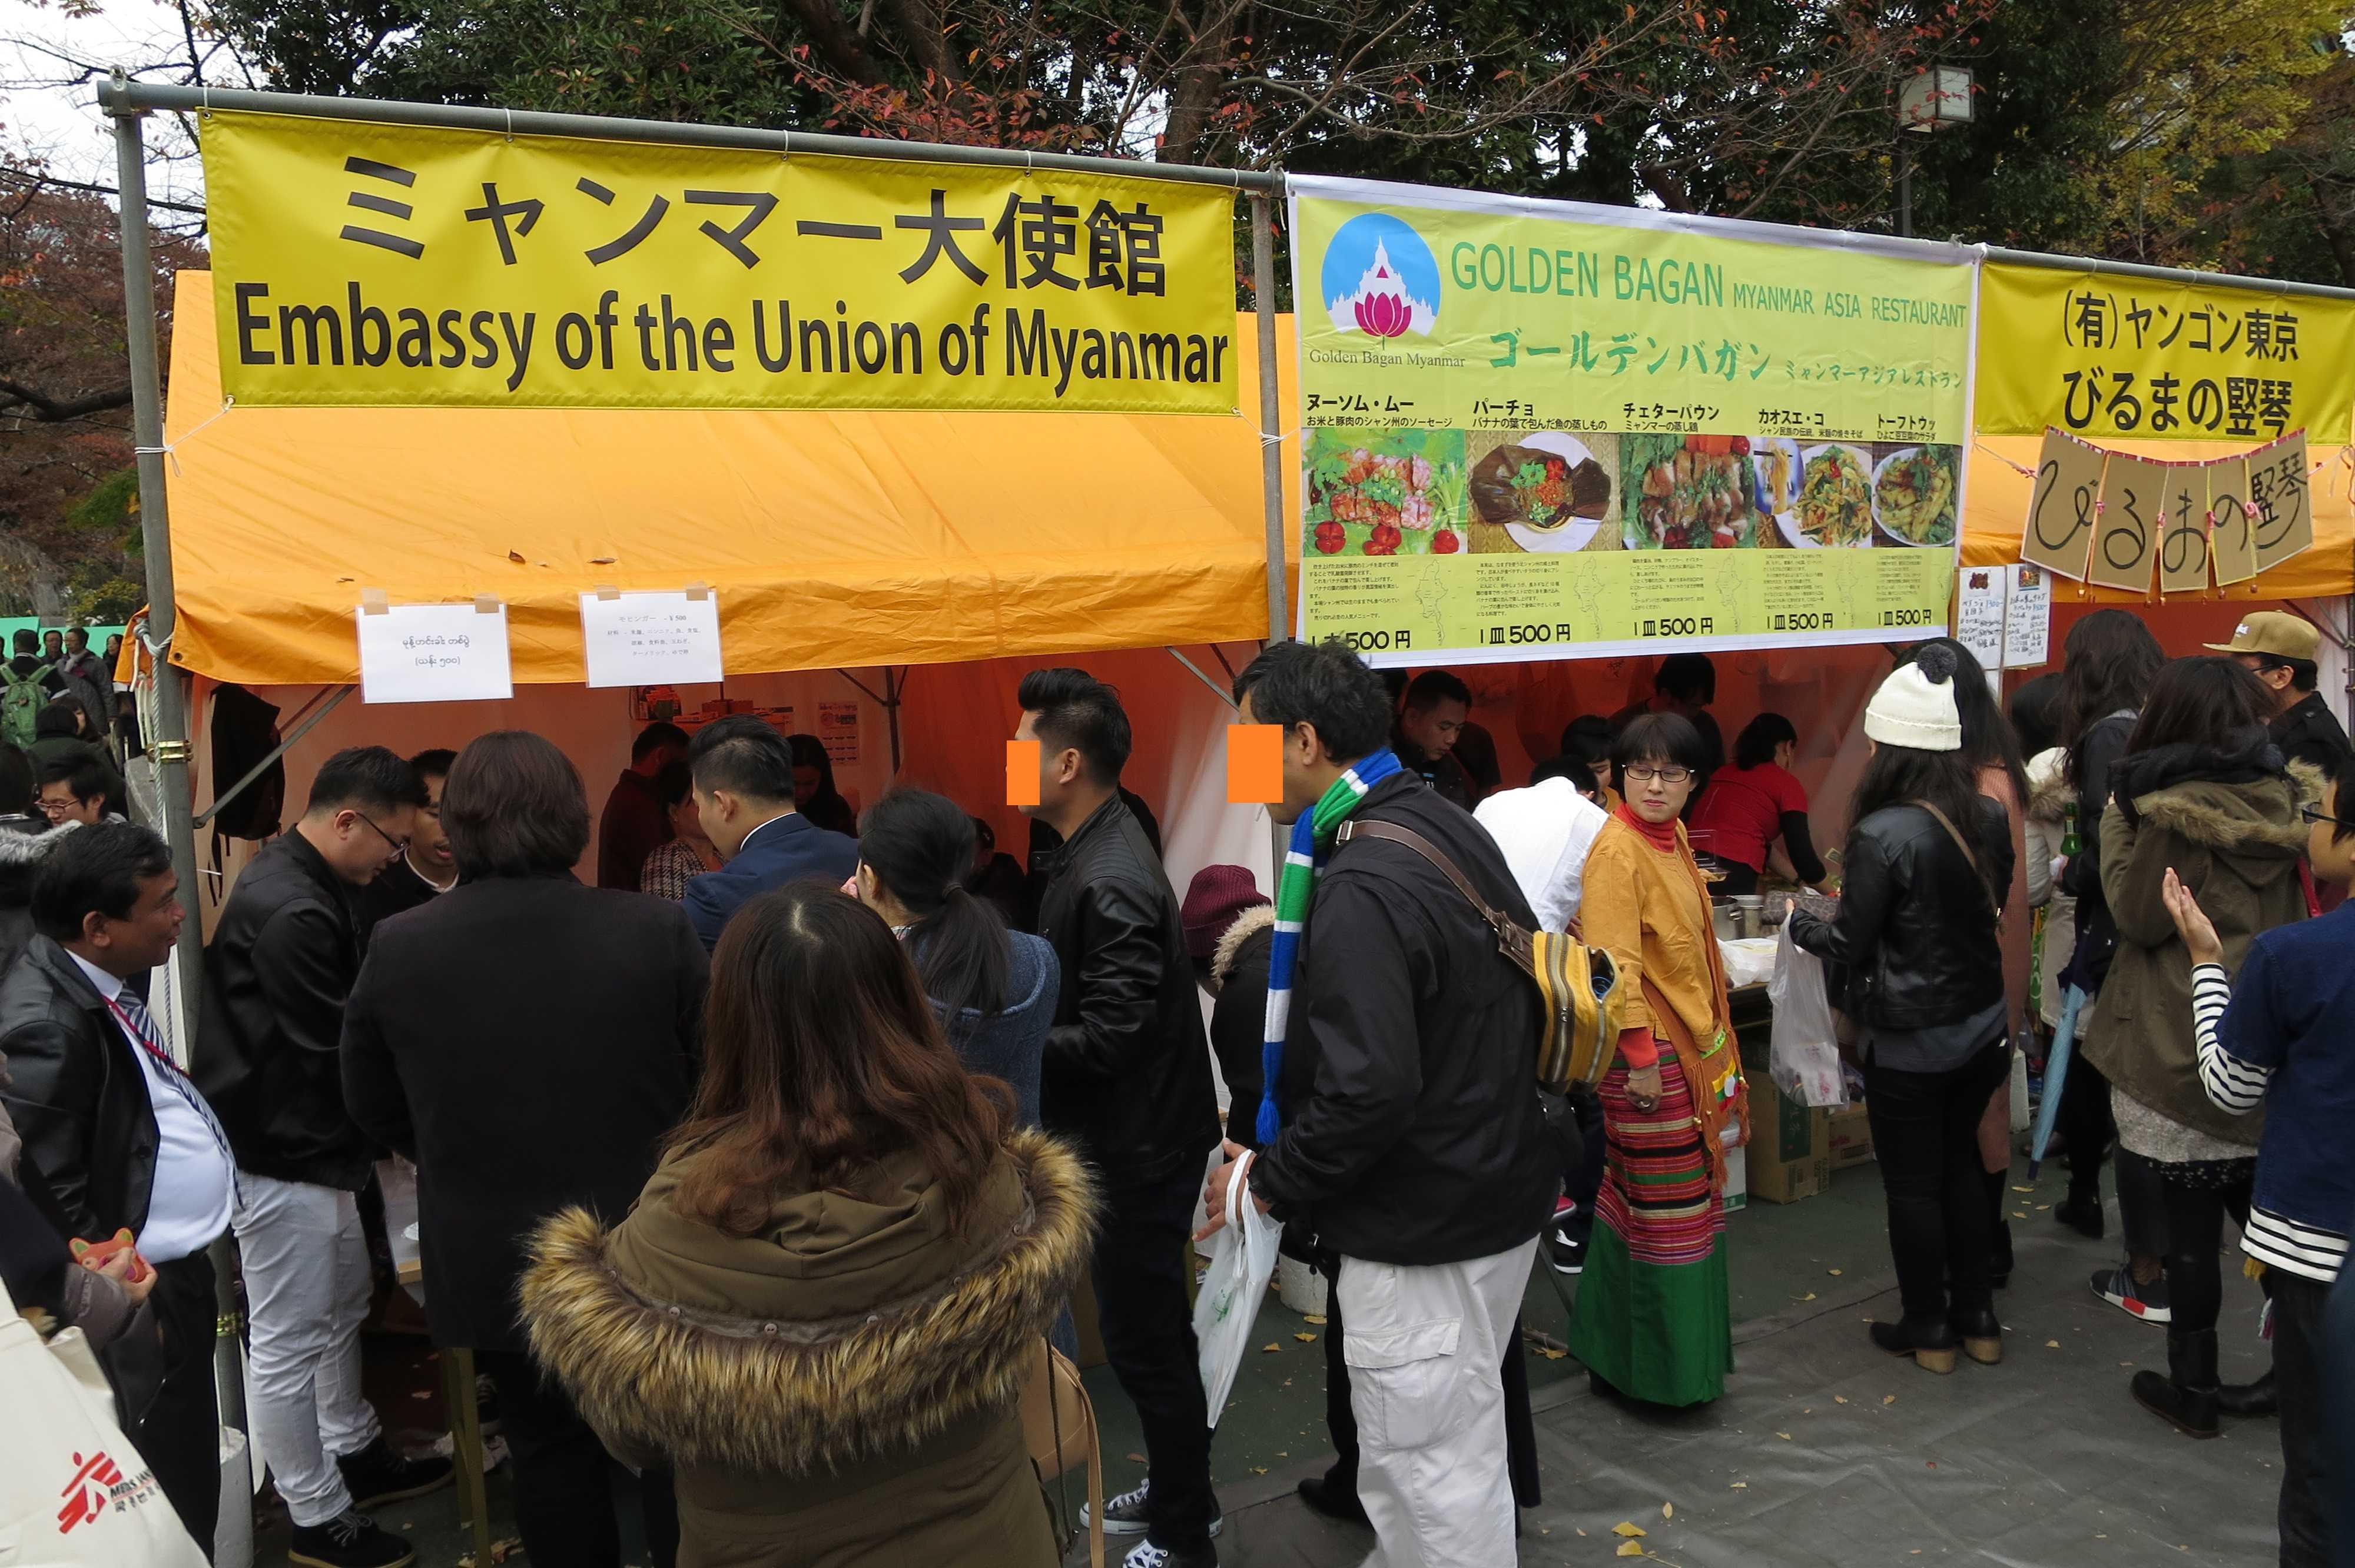 ミャンマー大使館のブース - ミャンマー祭り2016